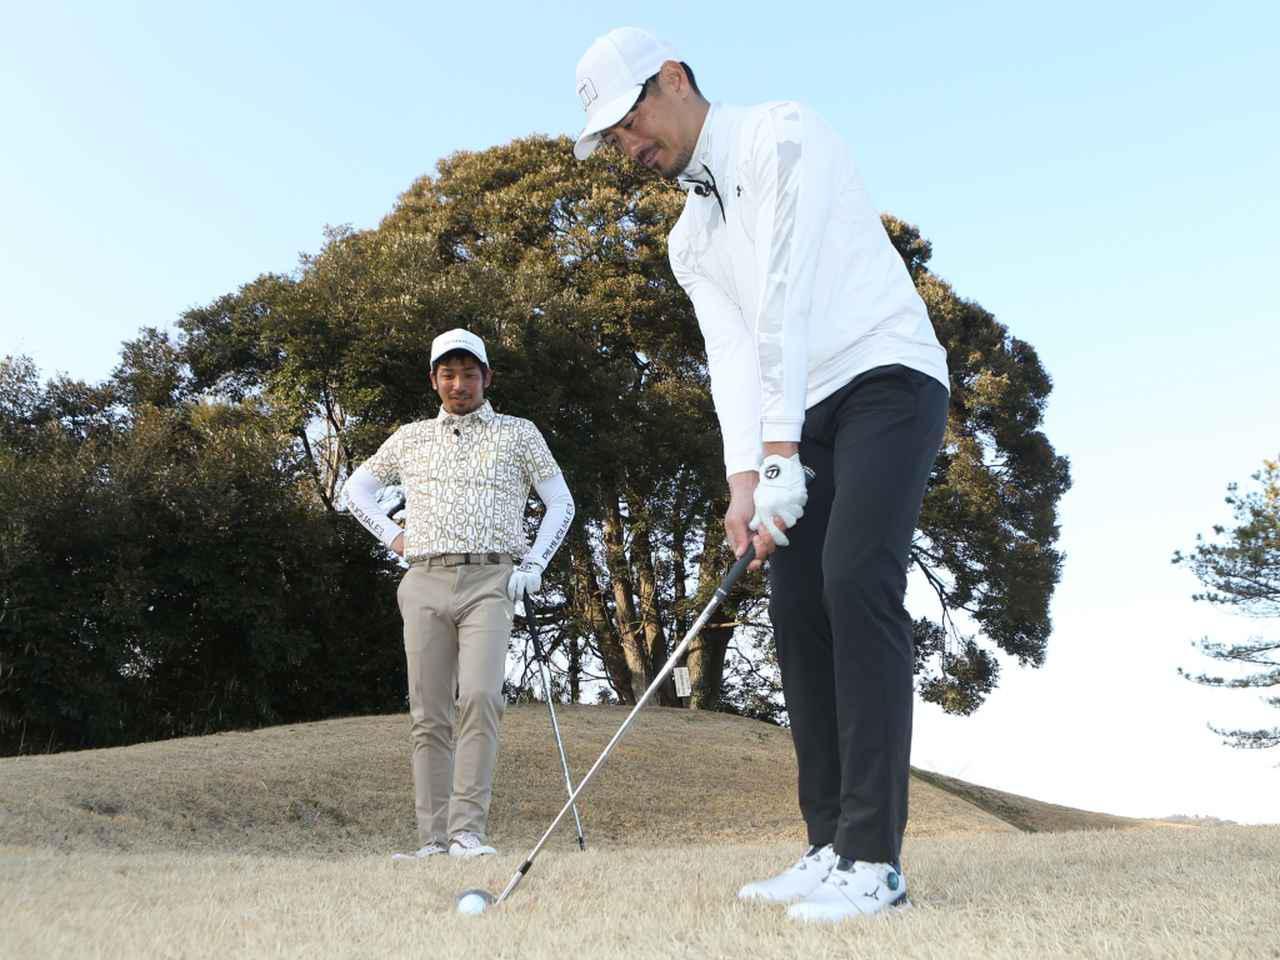 画像: ゴルフ好きの元サッカー選手・鈴木啓太(右)が、アプローチ上達を目指して伊澤秀憲プロ(左)に弟子入り!